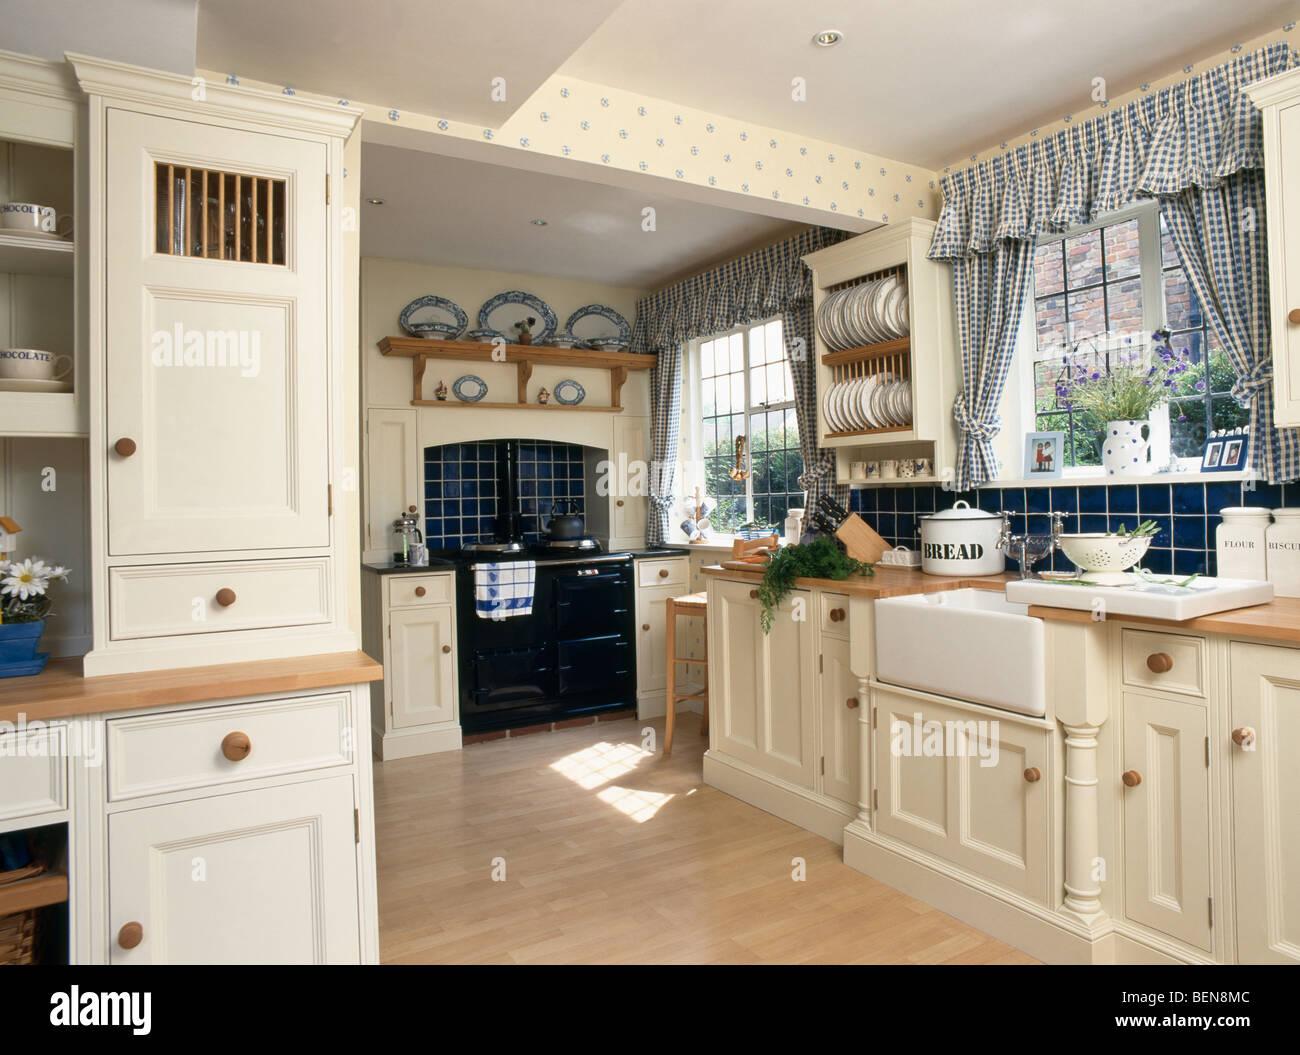 Cortinas en la ventana azul marcada en el país cocina equipada con ...